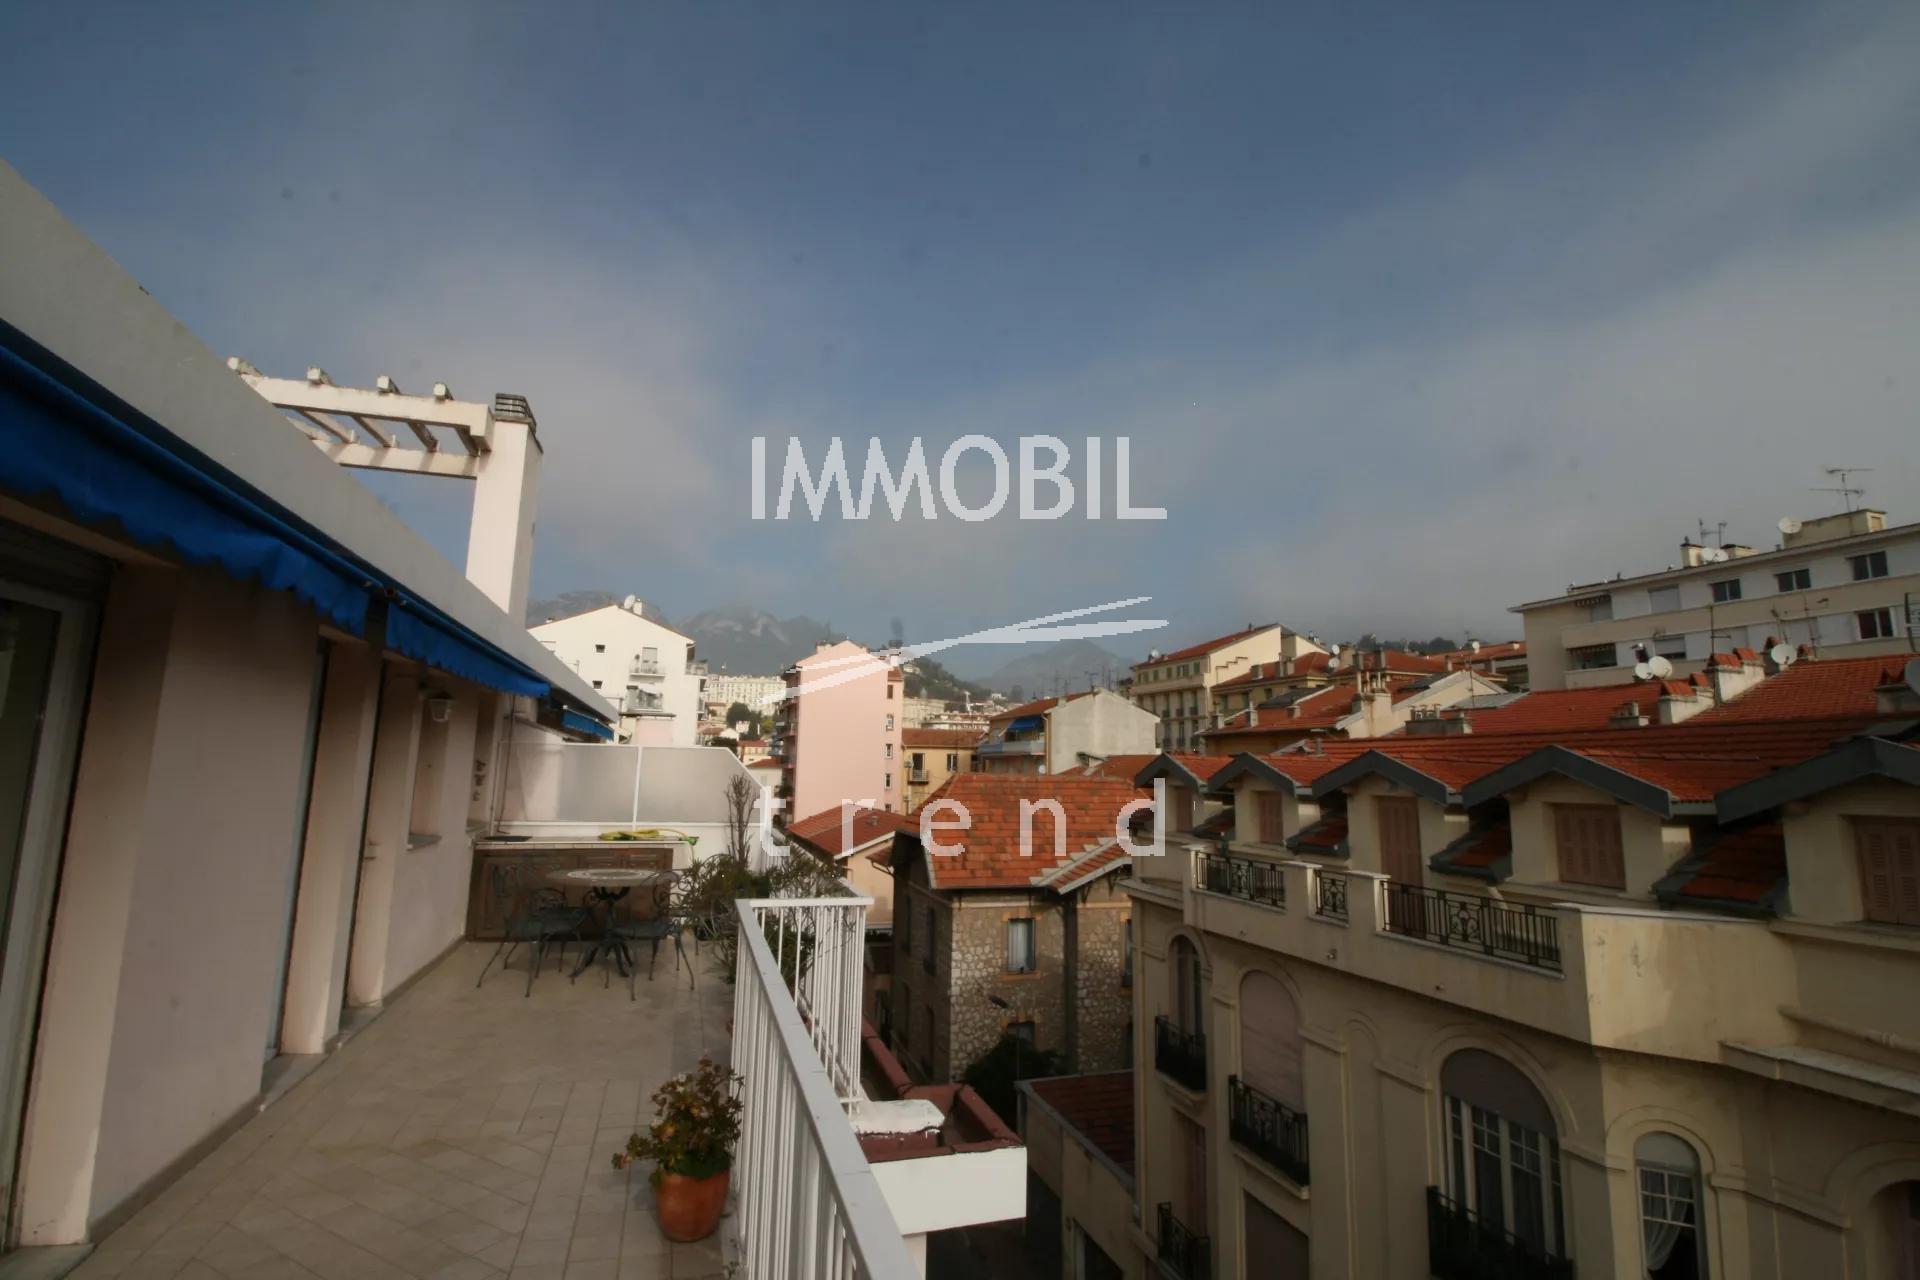 MENTON CENTRE - Dernier étage - Appartement deux pièces traversant avec deux terrasses